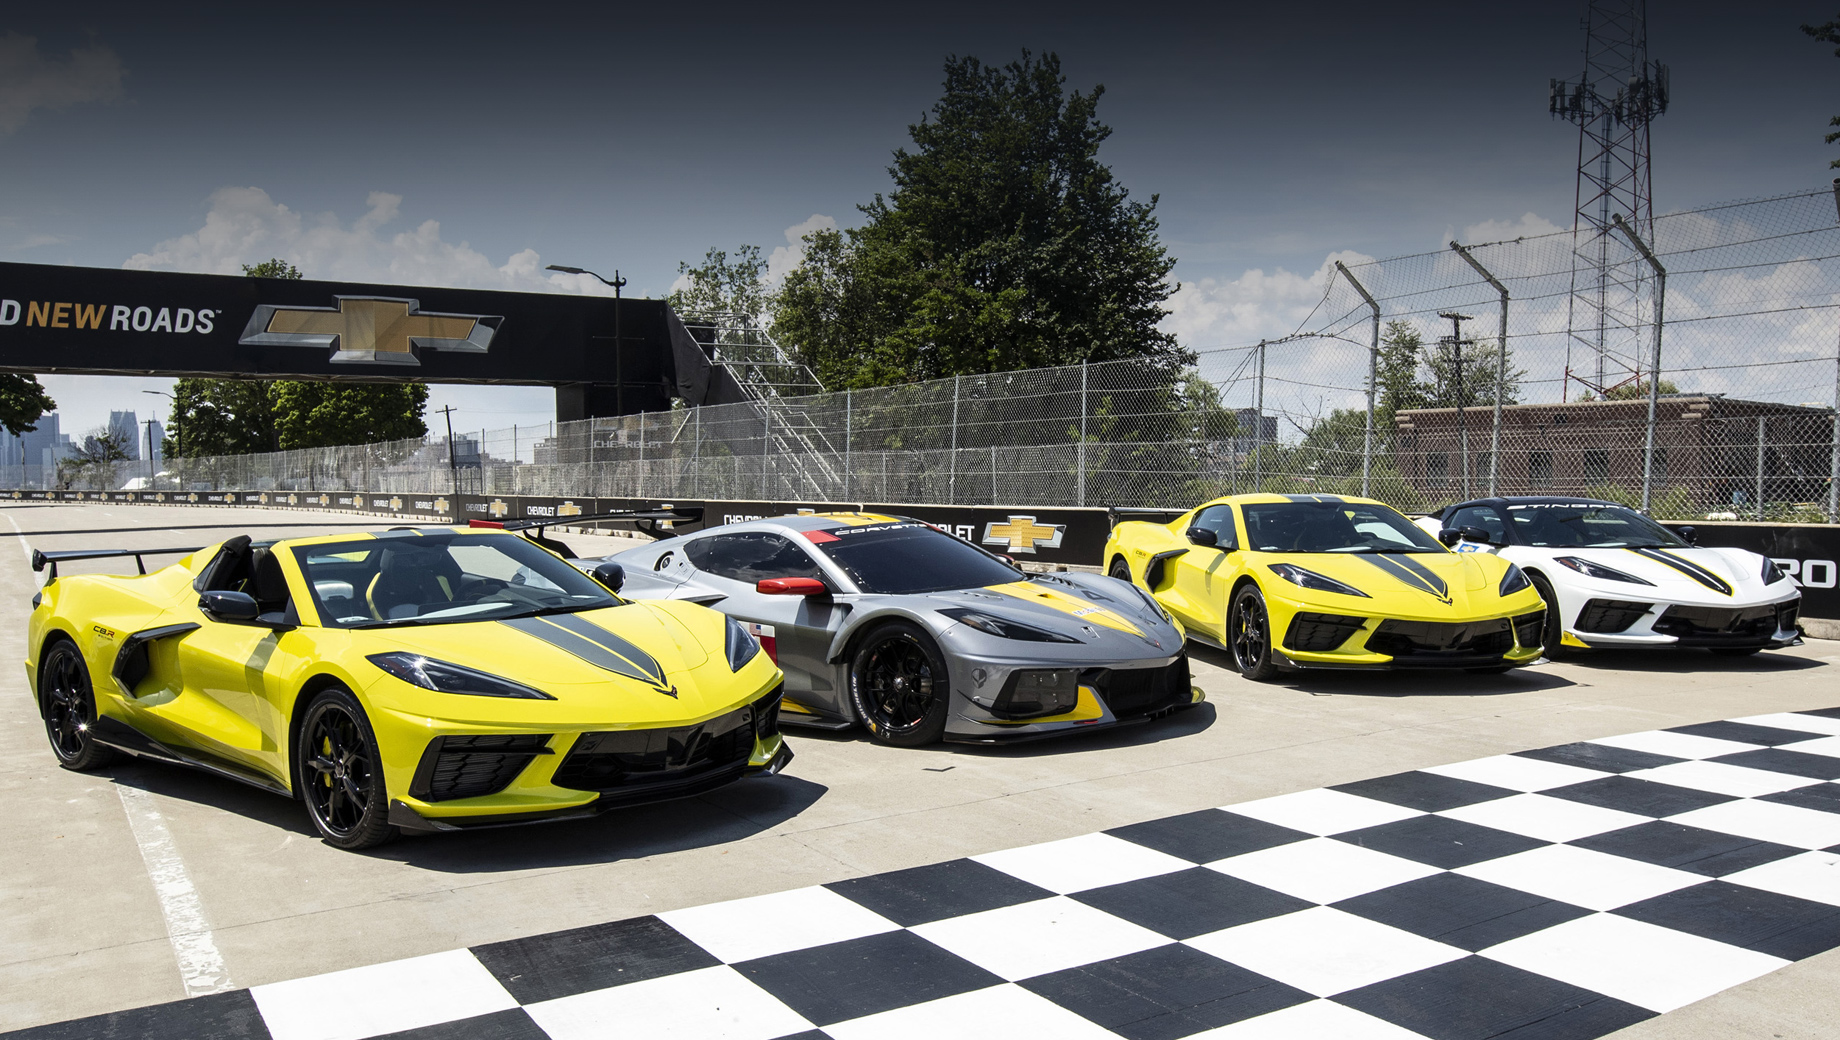 Chevrolet corvette. Новая версия Корвета была представлена на трассе Belle Isle Park в Детройте вместе с гоночными Корветами C8.R, выступавшими в IMSA.